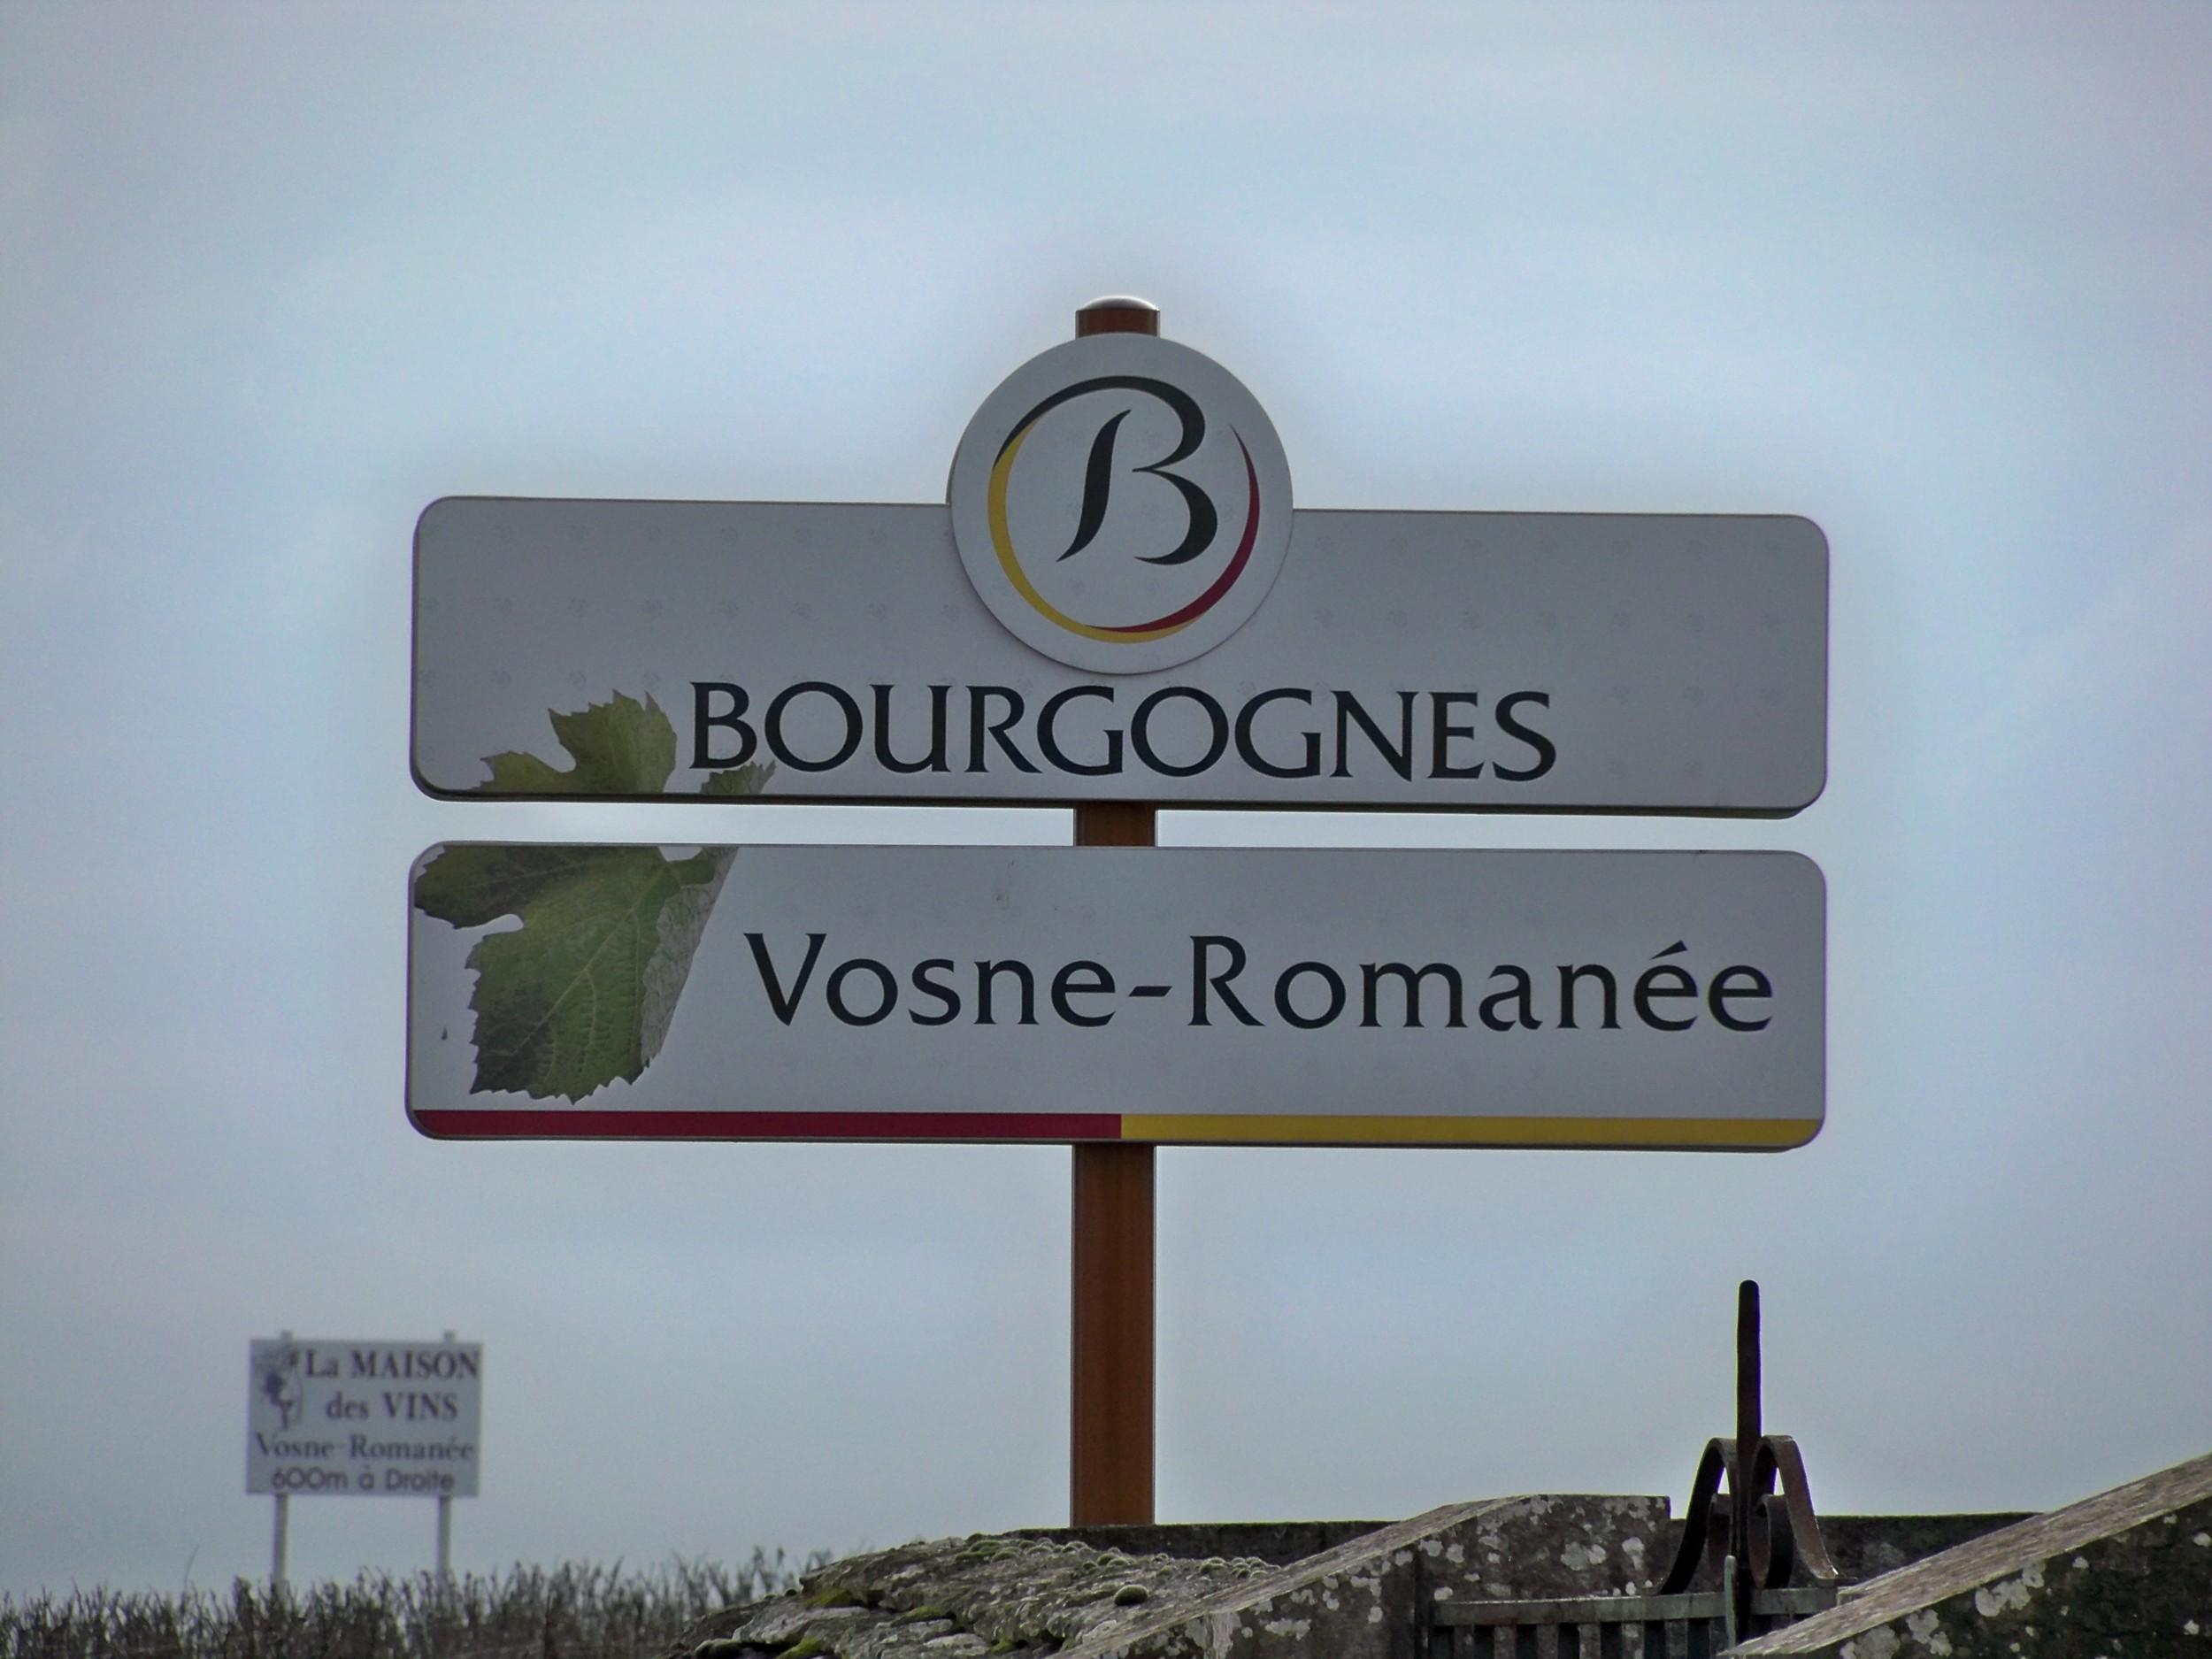 Bourgogne_Route_vins_Vosne_romanée.jpg